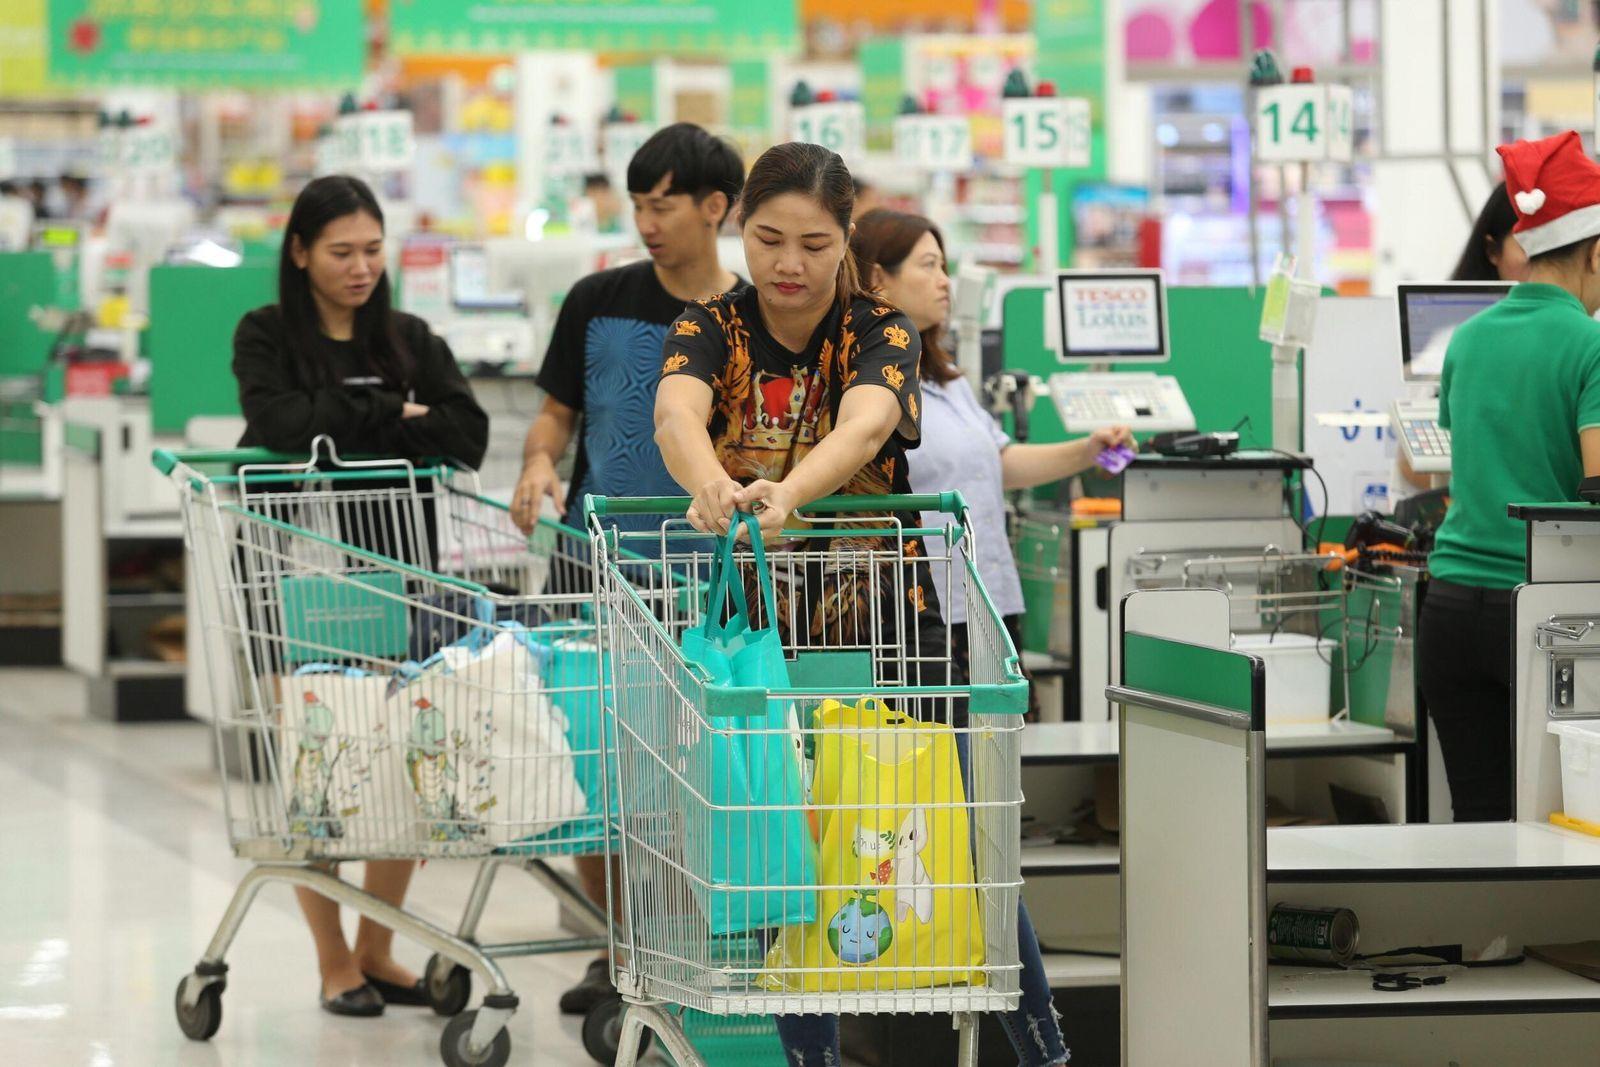 Les supermarchés et centres commerciaux thaïlandais veulent diminuer l'utilisation des sacs plastiques